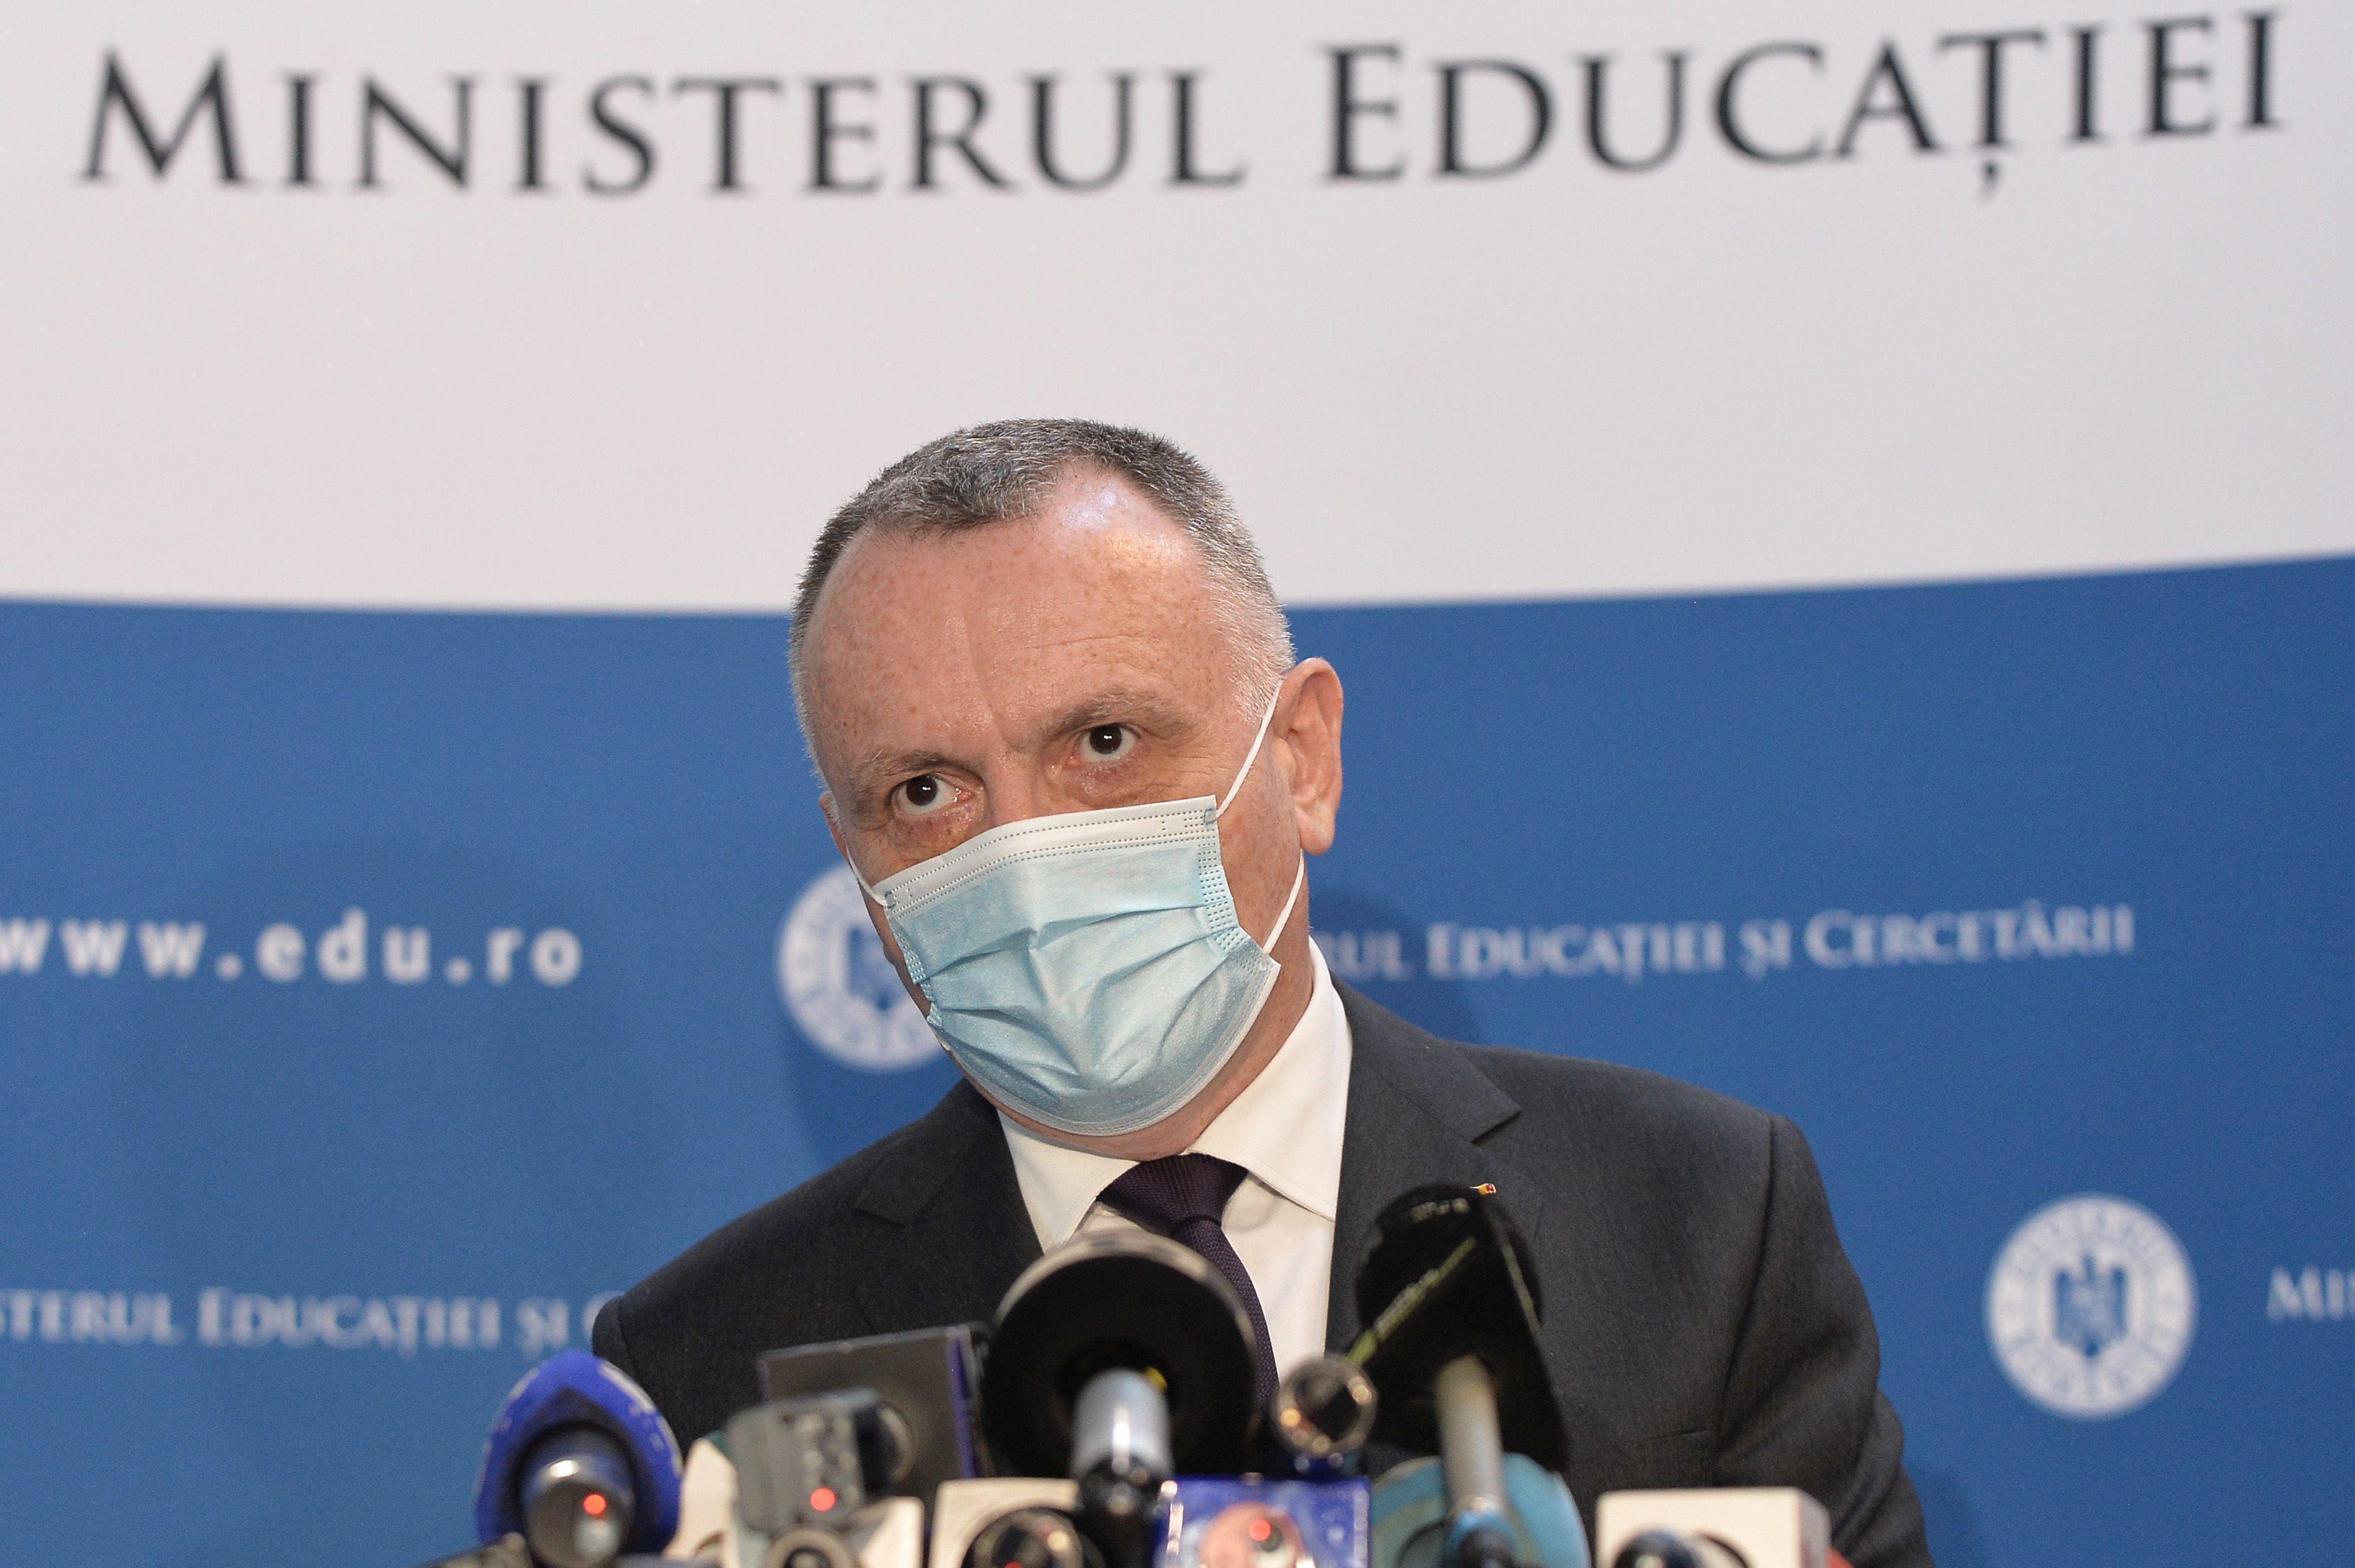 Ministrul Educației, îngrijorat de rezultatele de la titularizare